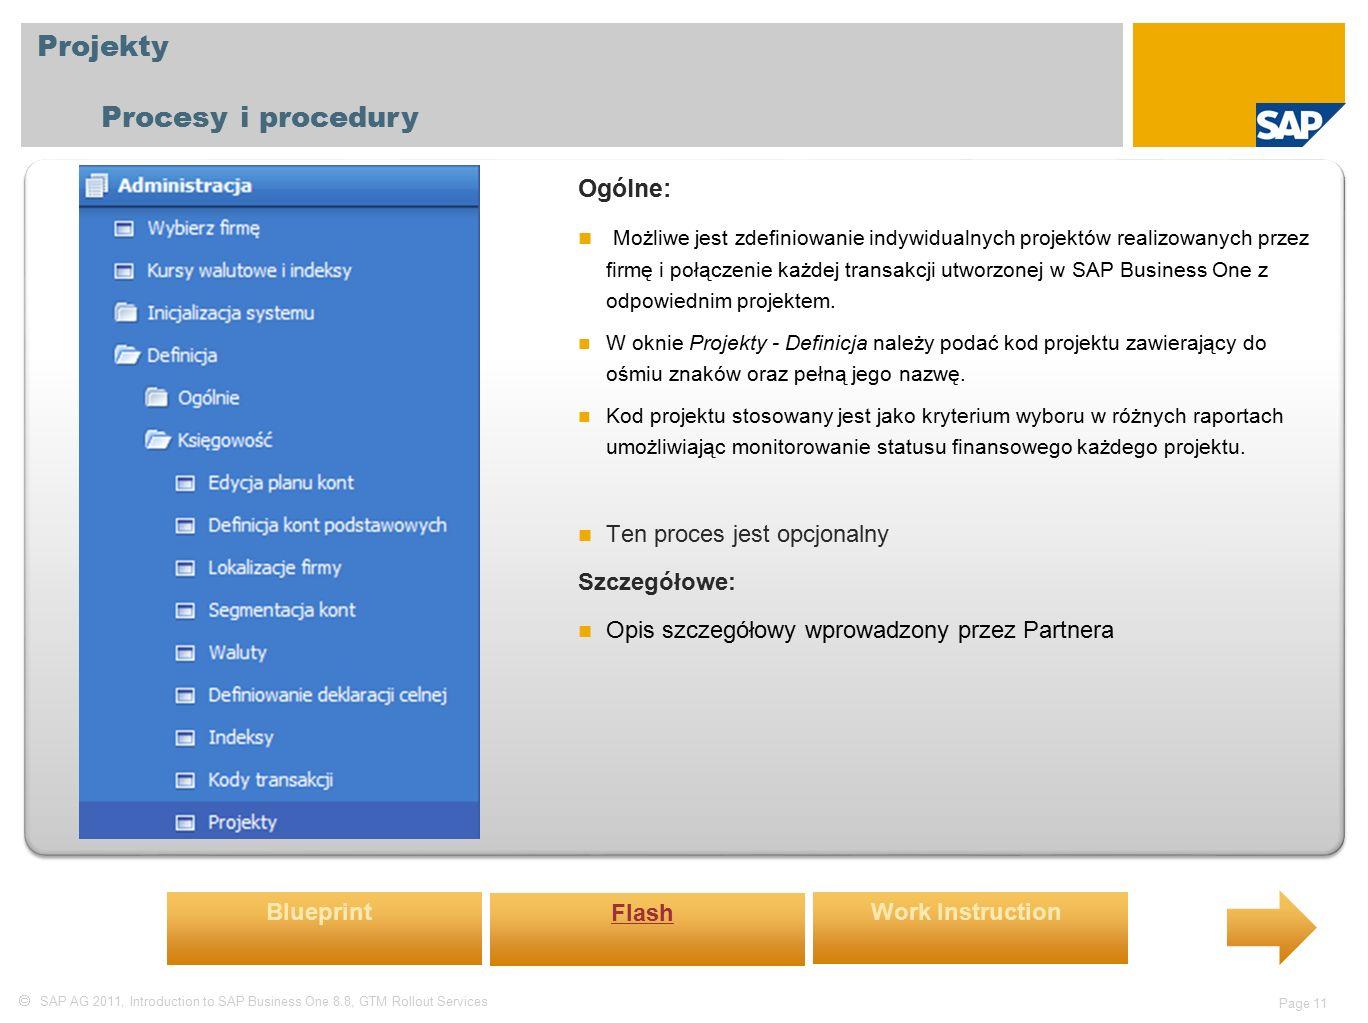  SAP AG 2011, Introduction to SAP Business One 8.8, GTM Rollout Services Page 11 Projekty Procesy i procedury Ogólne: Możliwe jest zdefiniowanie indywidualnych projektów realizowanych przez firmę i połączenie każdej transakcji utworzonej w SAP Business One z odpowiednim projektem.